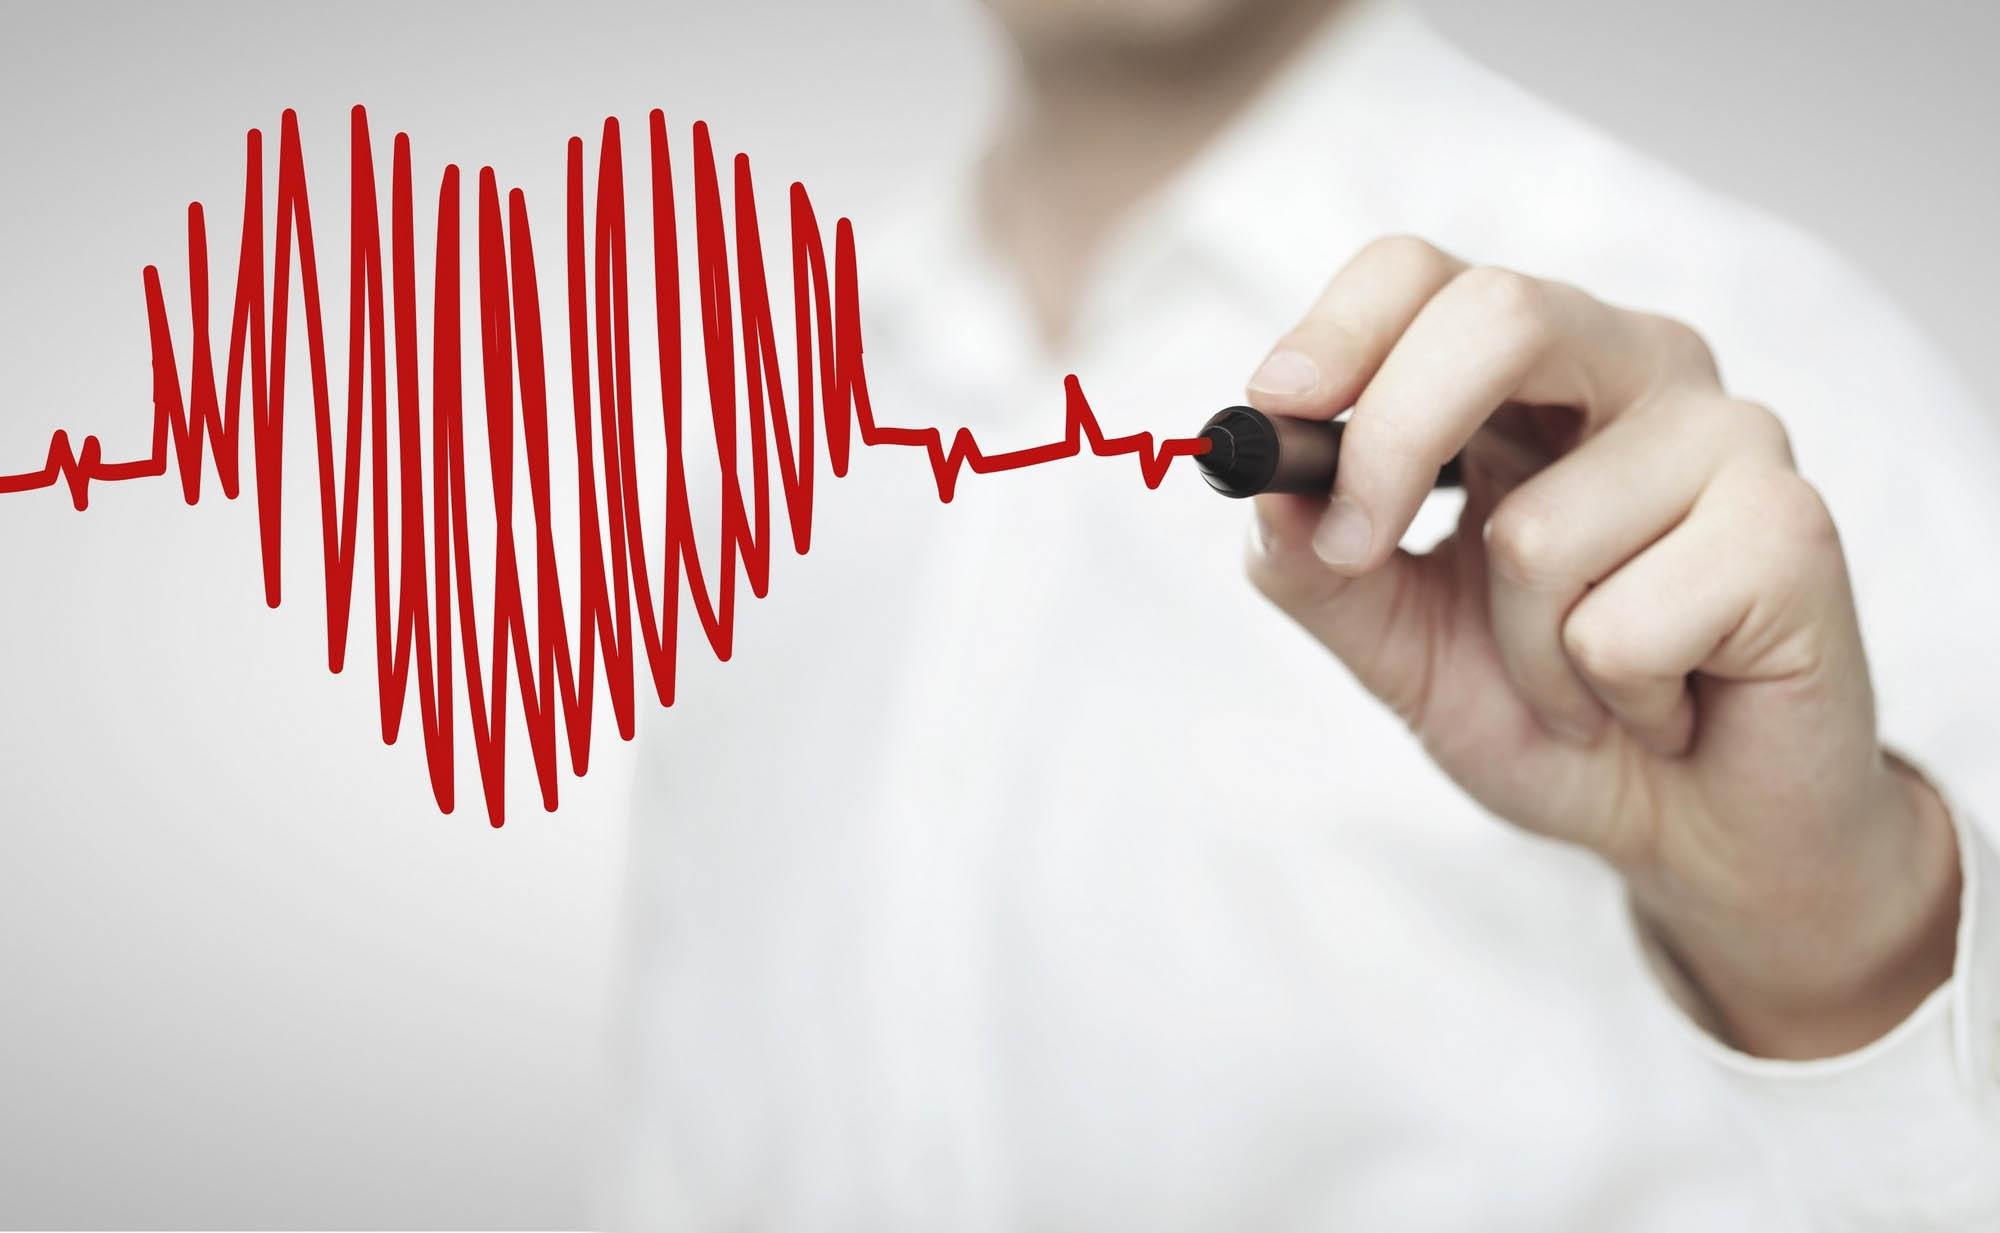 Od sada Ozljani više ne moraju po Holter EKG-a u karlovačku bolnicu